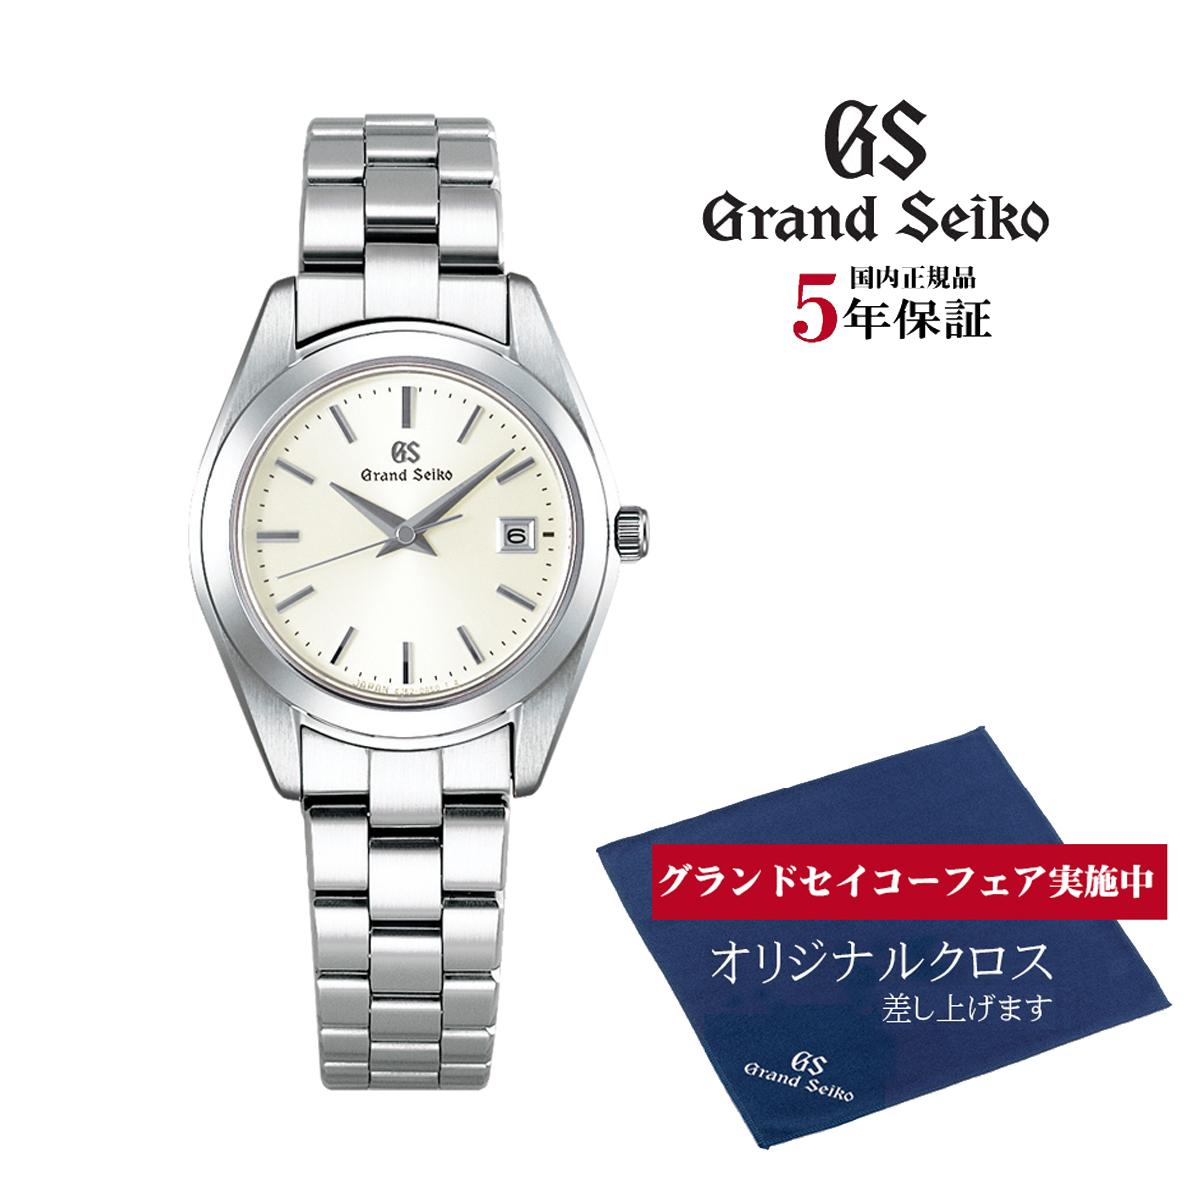 グランドセイコー Grand Seiko 正規メーカー保証3年 STGF265 4Jクォーツ 正規品 腕時計